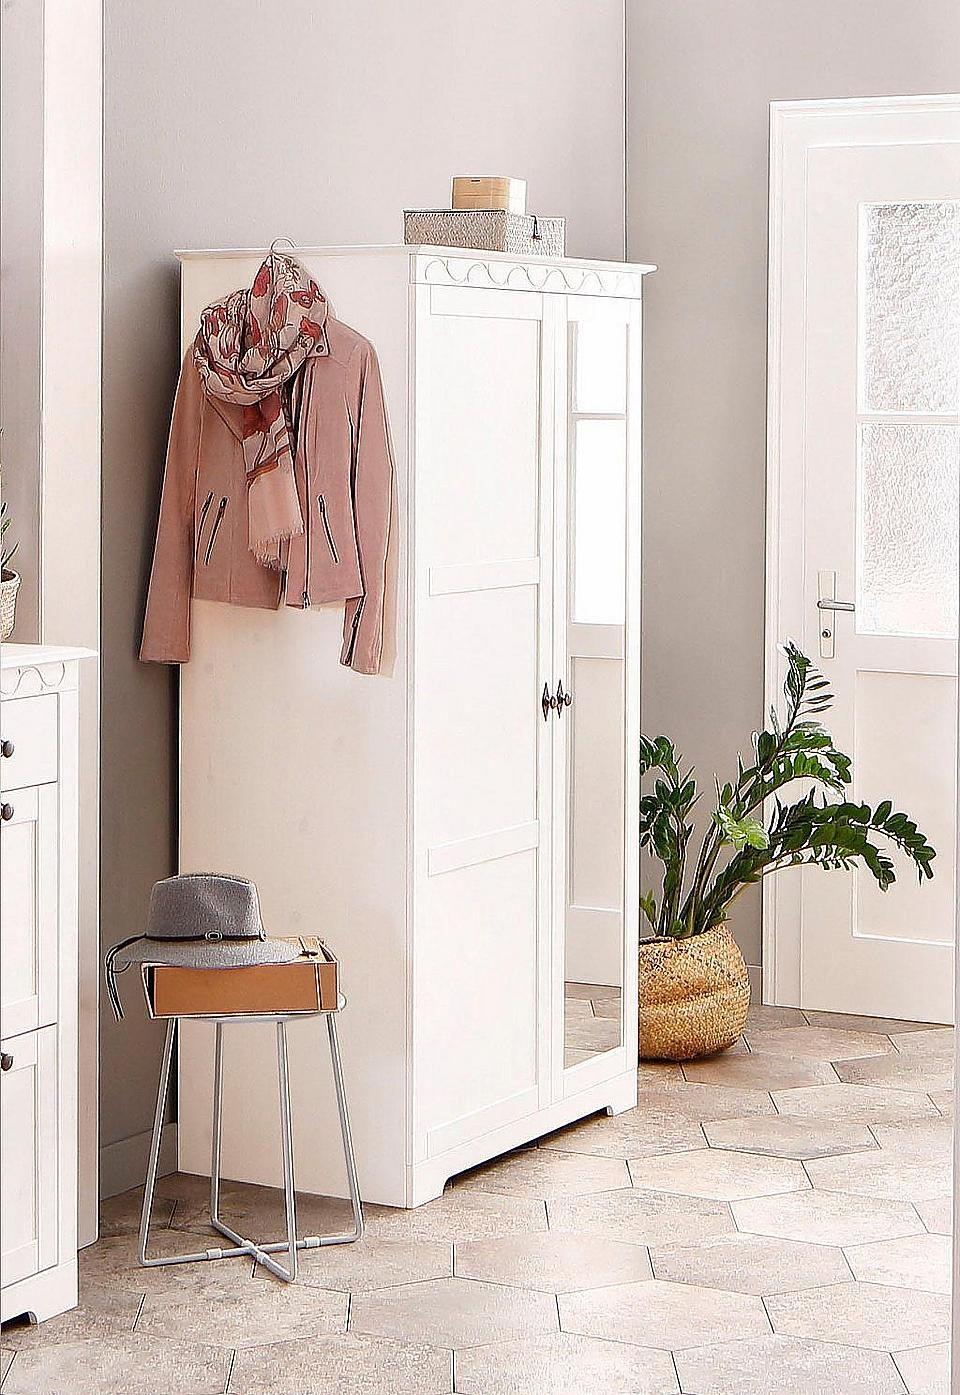 Home Affaire Garderobenschrank Bei Baur De Kaufen Einrichten Homedecor Diele Flur Eingangsbereich Garderobe Schrank Garderobenschrank Design Fur Zuhause